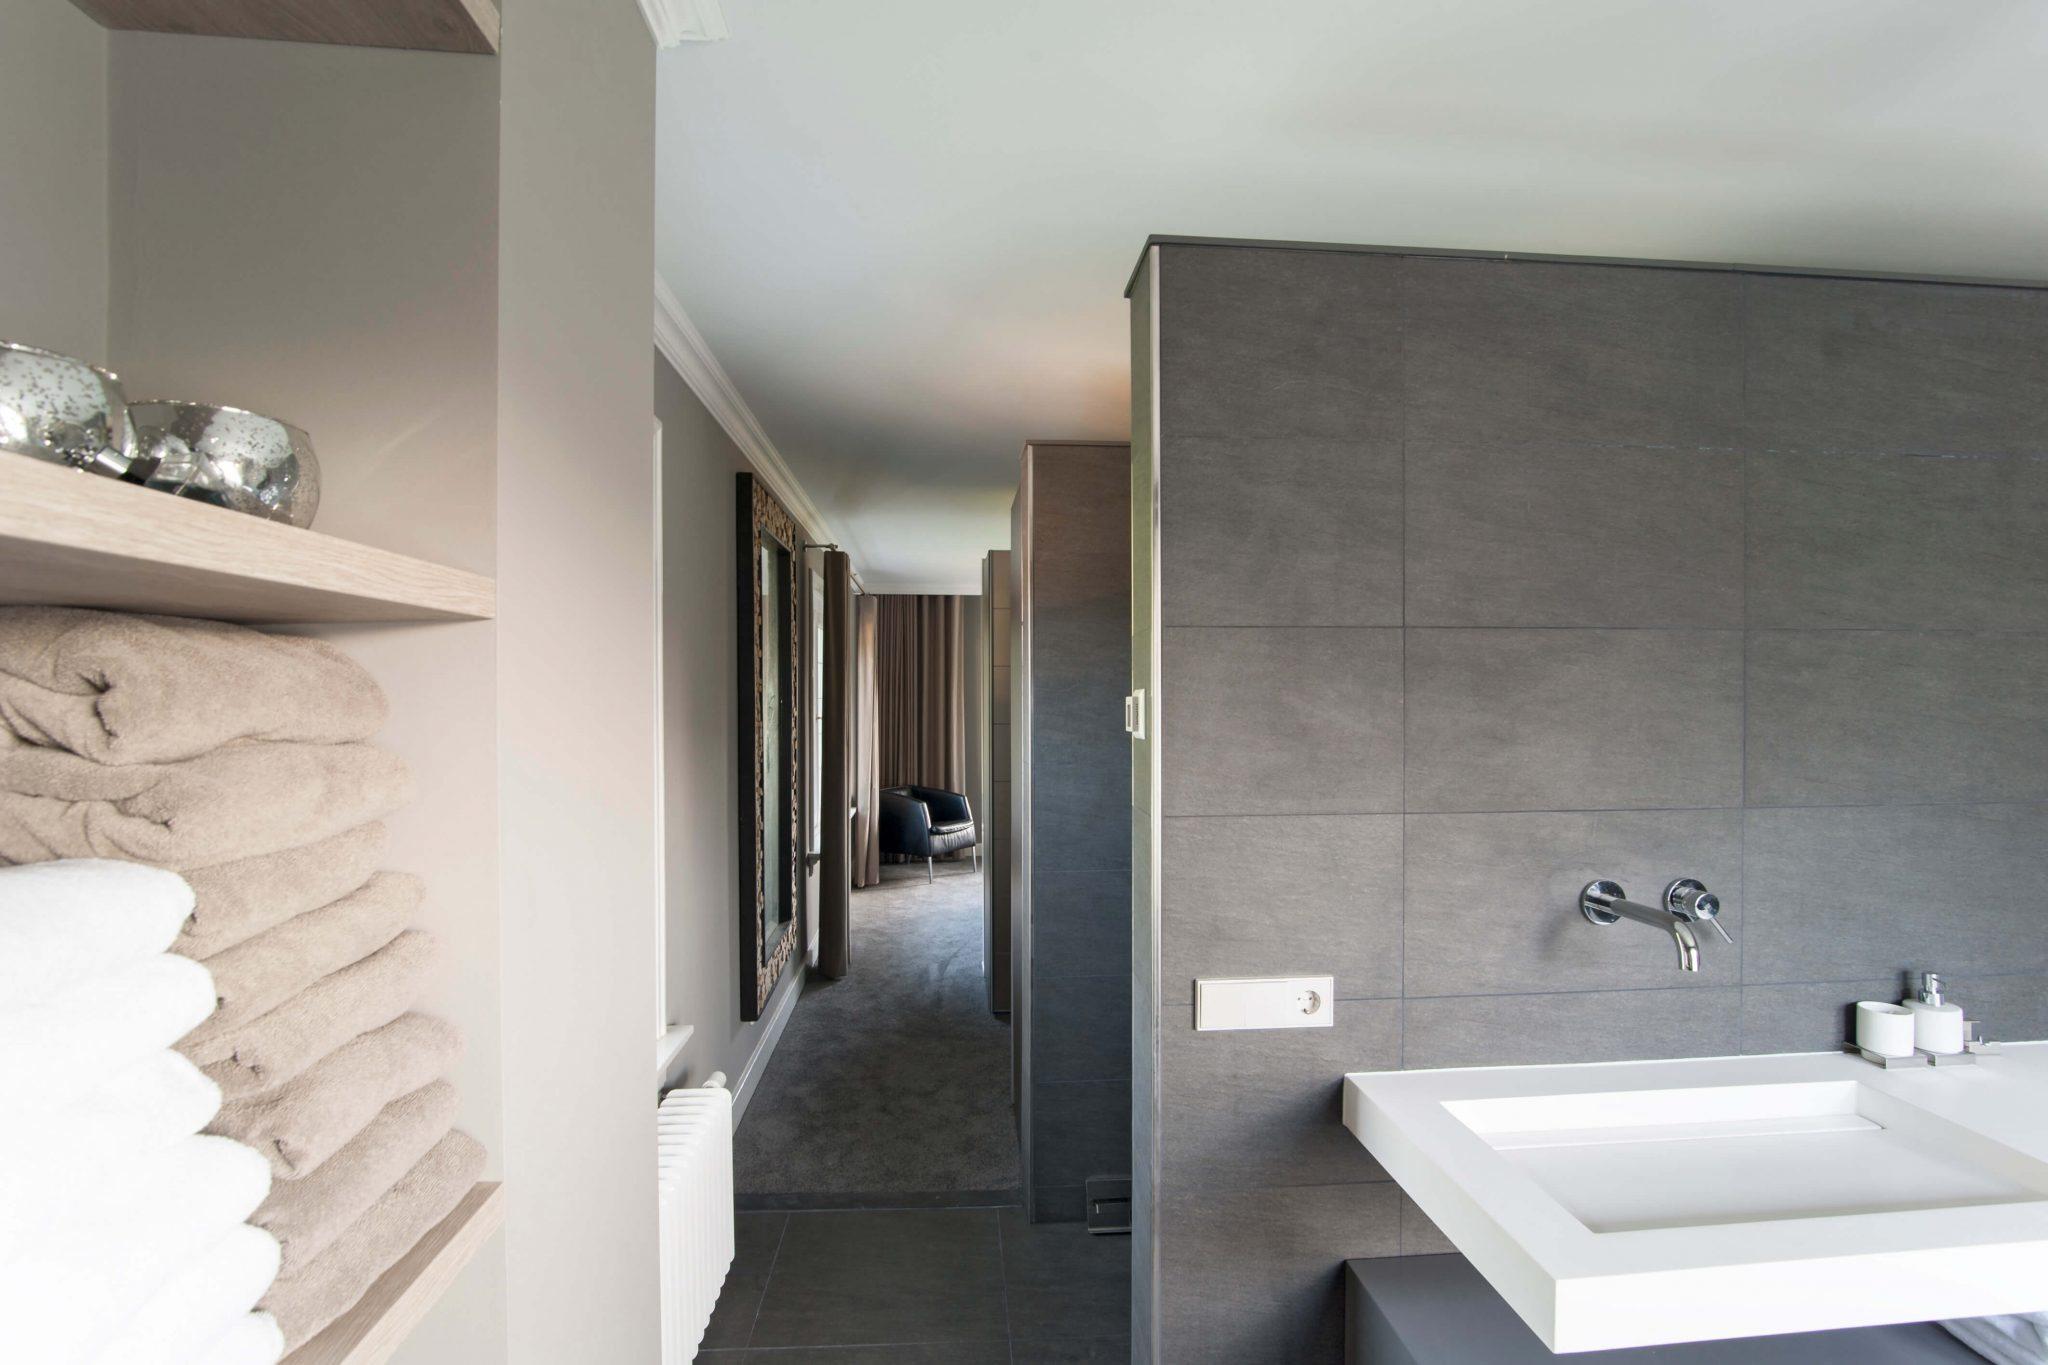 naadloos gespannen plafond in uw badkamer de plafonds zijn bestand